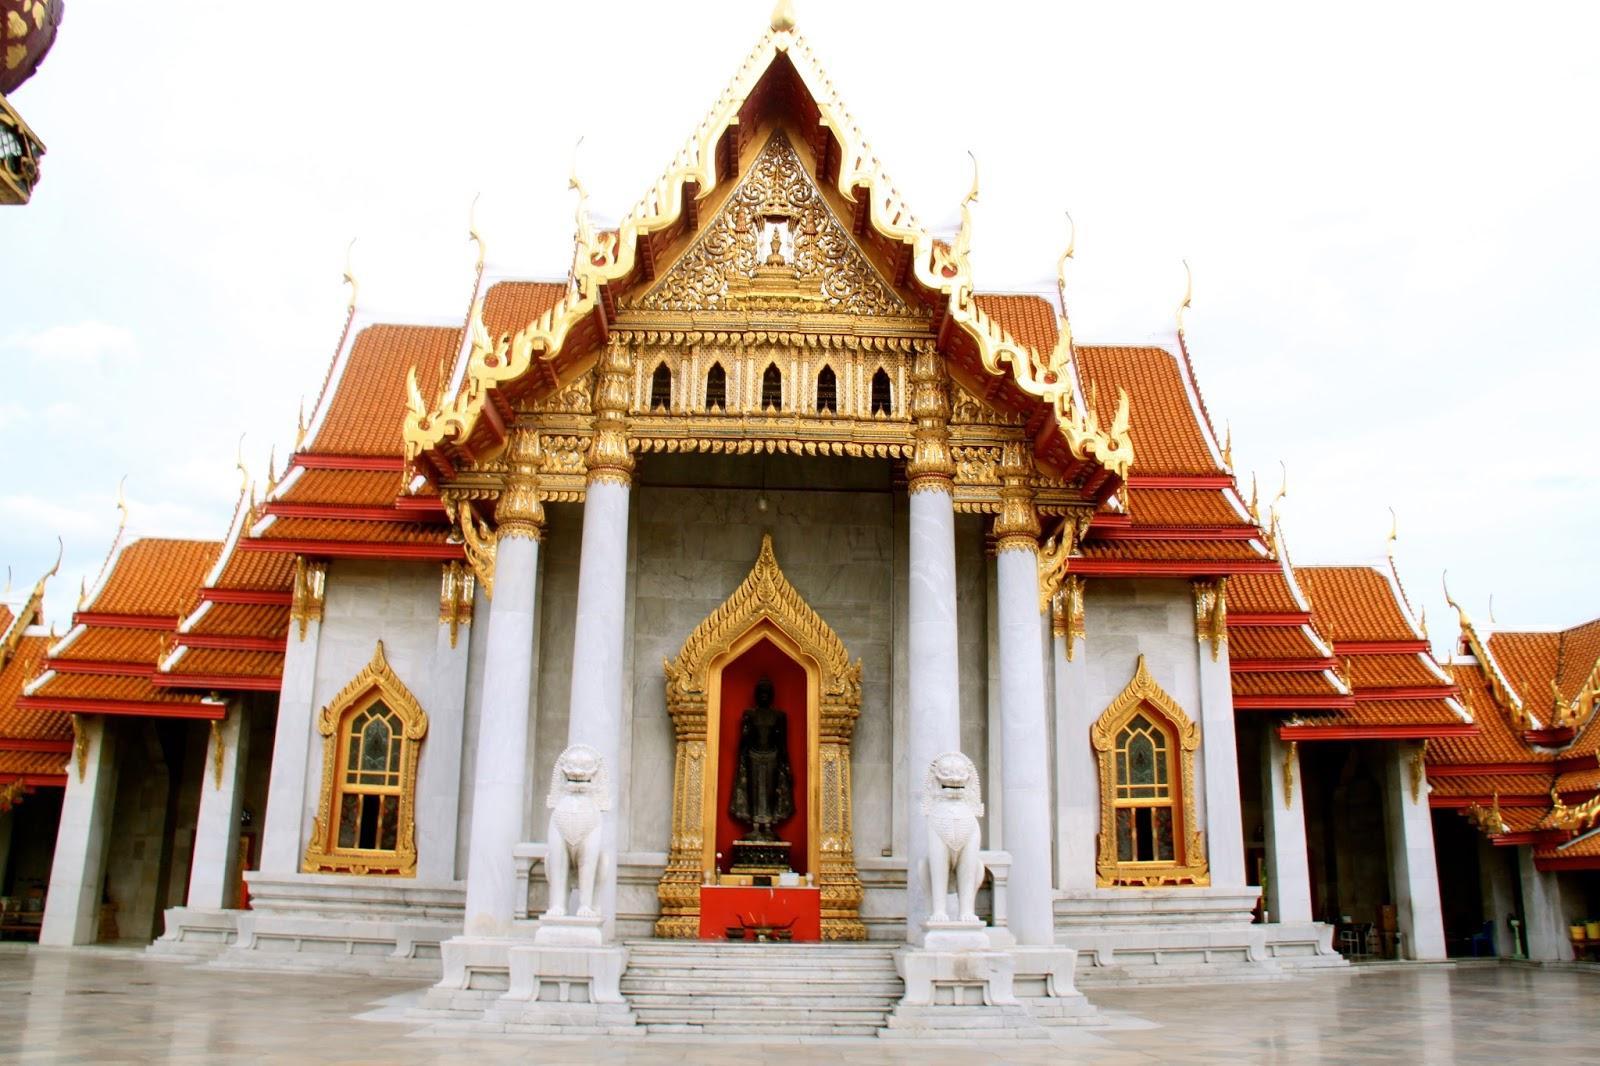 Kishastyle Wat Benchamabophit Bangkok